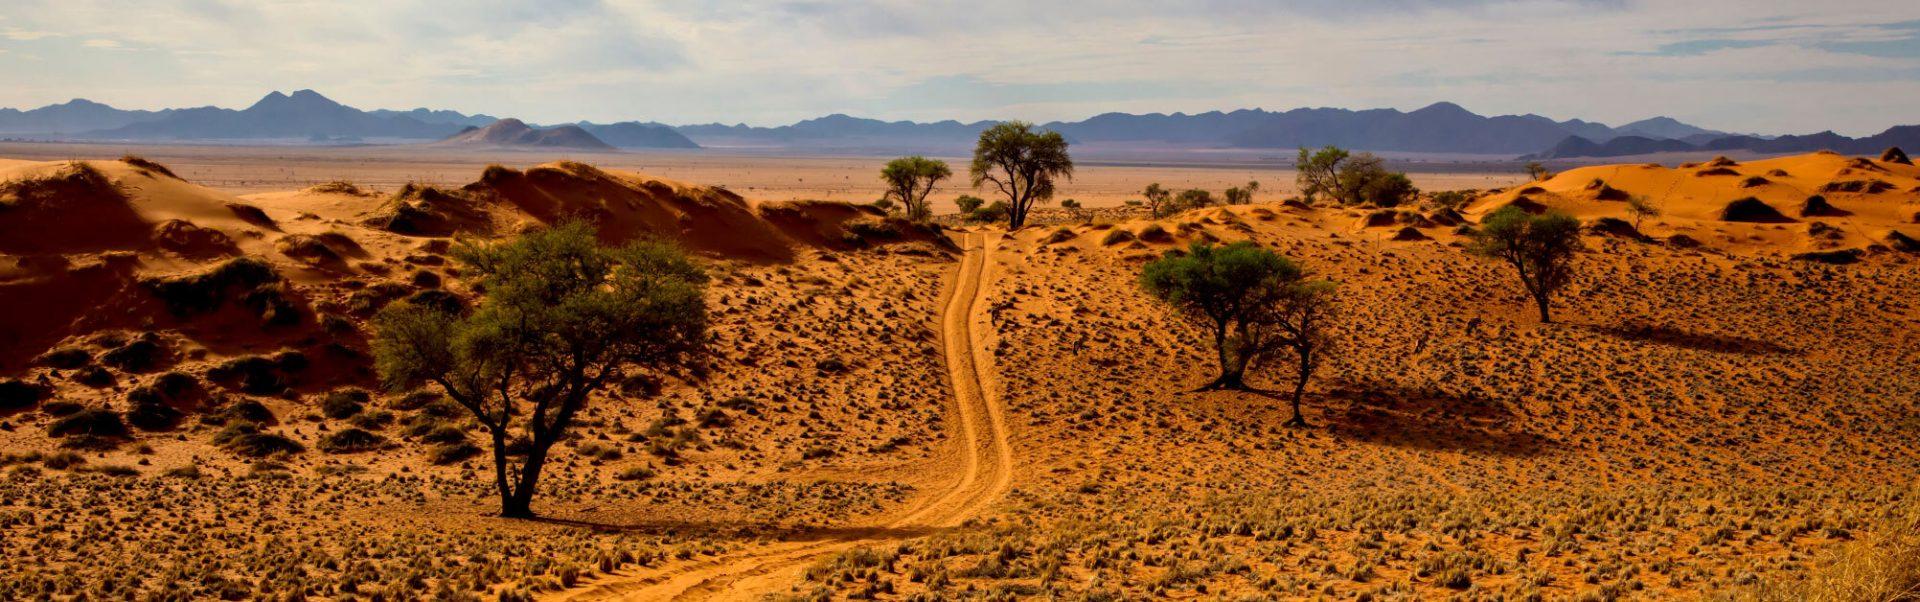 Safari-Tage bei Namibia Reise